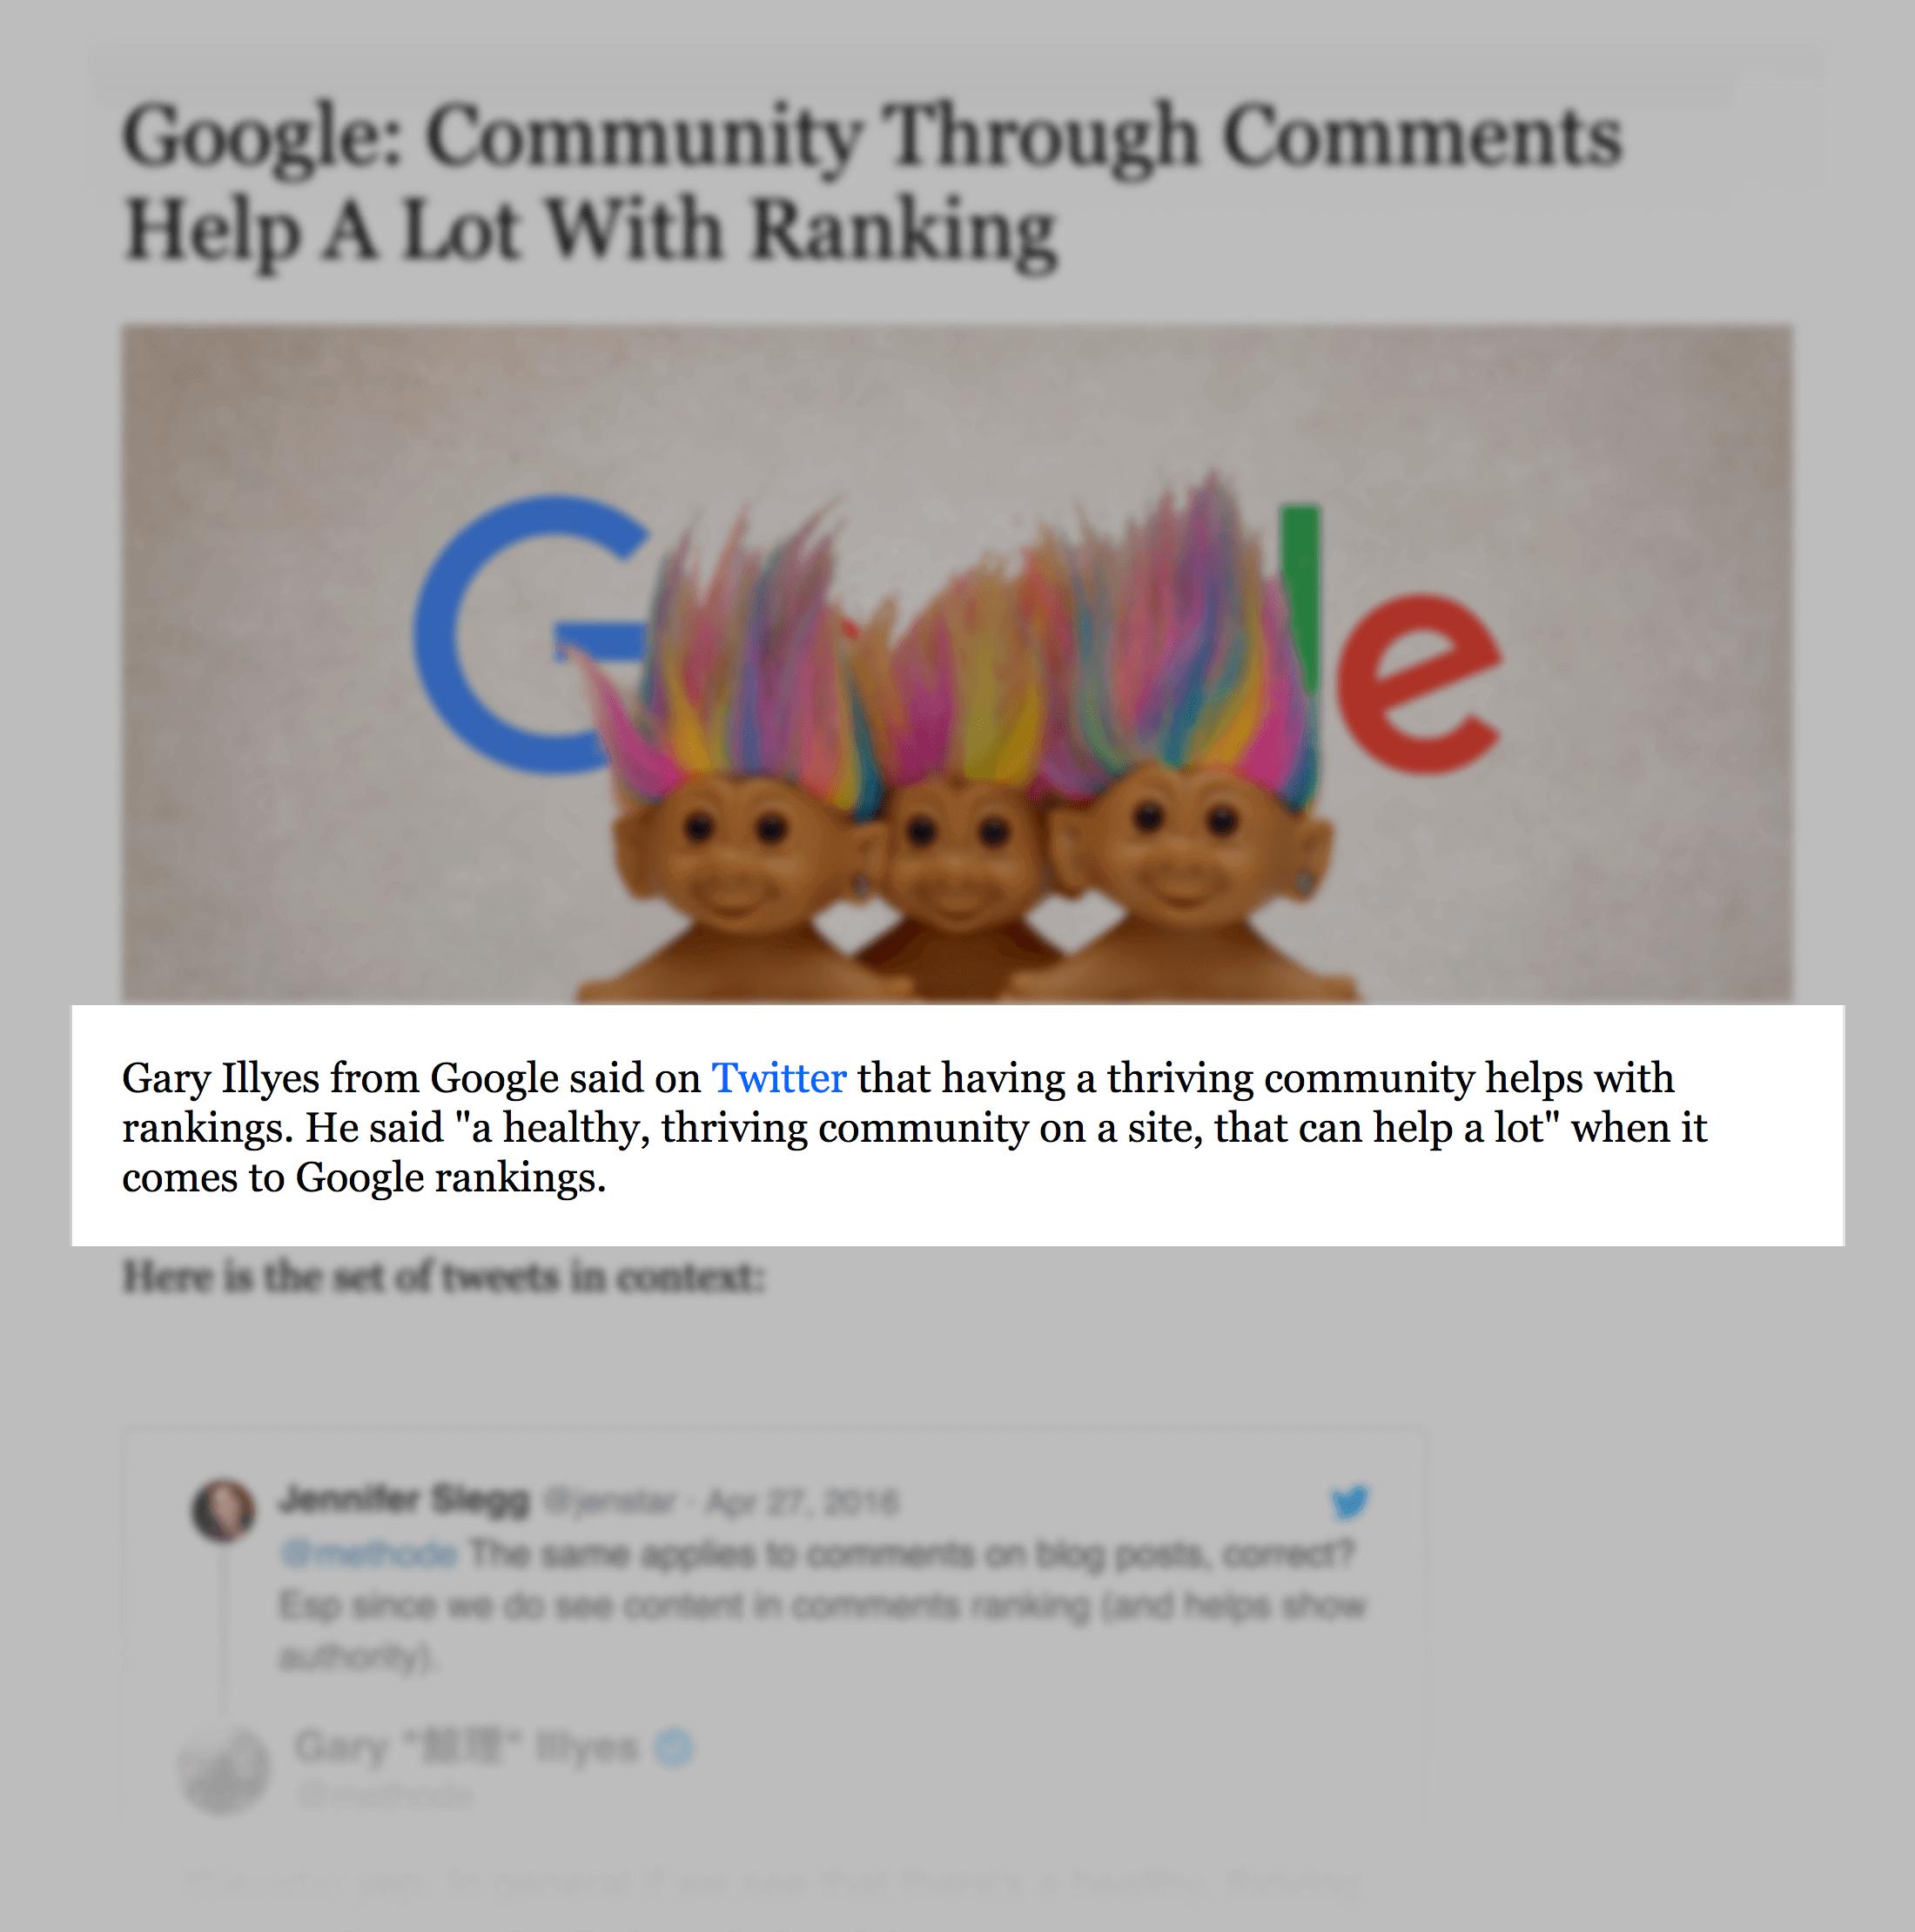 Community helps rankings